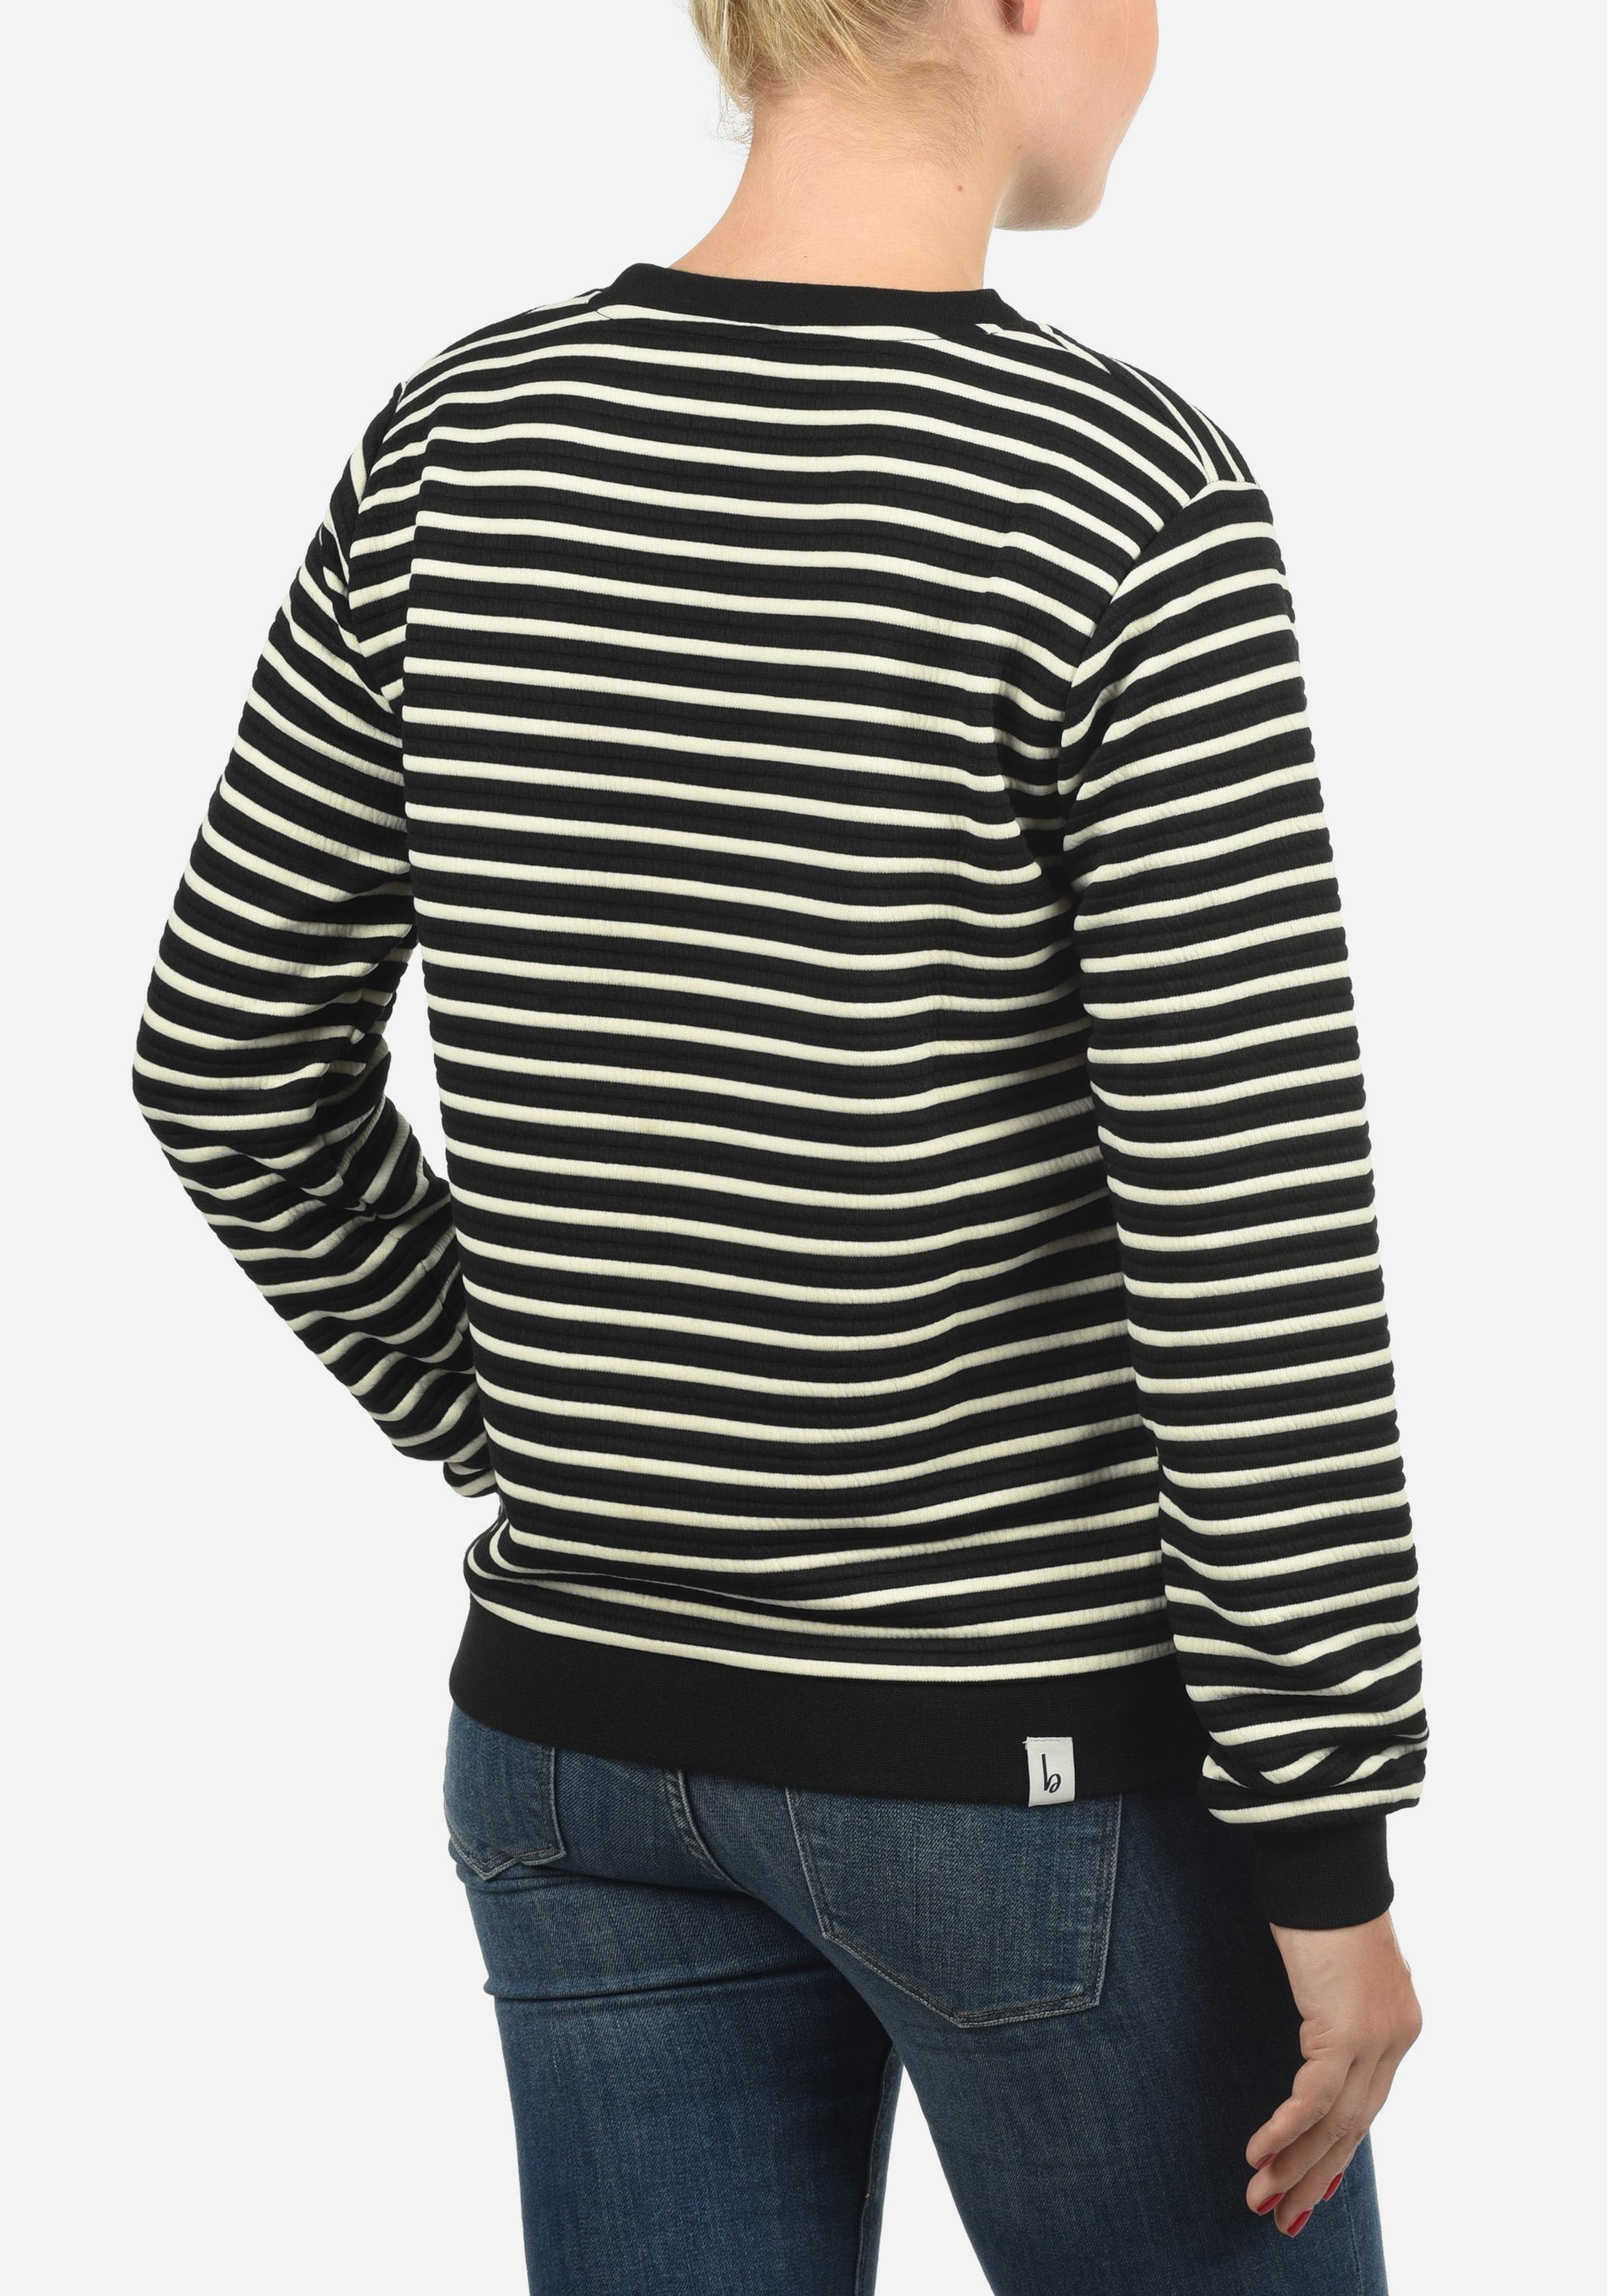 She She Sweatshirt Sweatshirt In In Schwarz Schwarz Blend Blend Blend Sweatshirt She roCBdxe